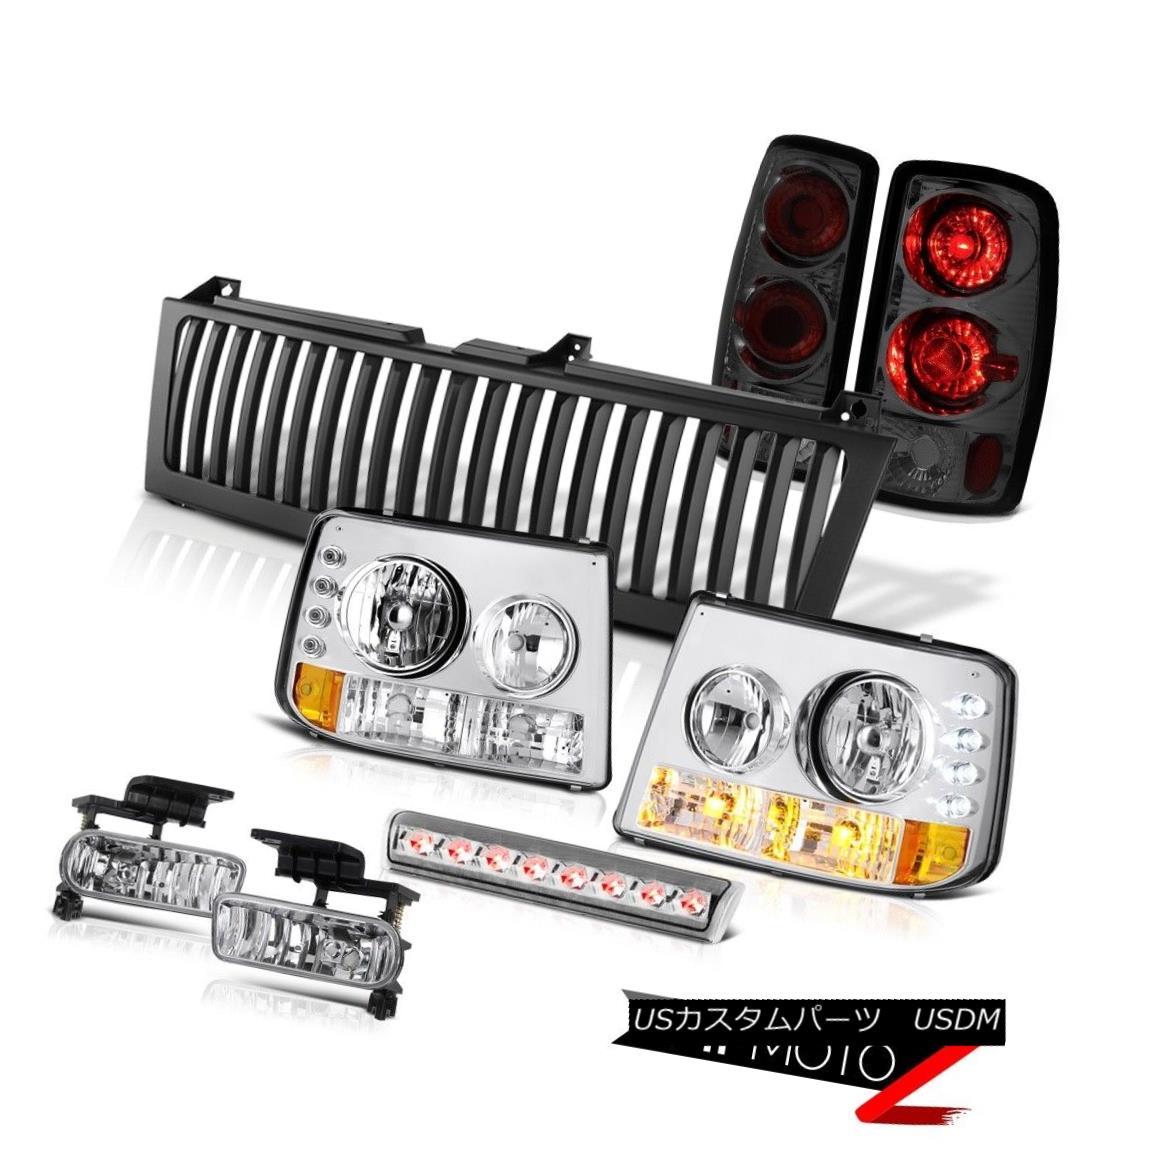 ヘッドライト Bumper+Headlamps Rear Tail Smoke Chrome Fog 3rd LED Black 00-06 Suburban 6.0L バンパー+ヘッドラム psリアテールスモーククロームフォグ3rd LEDブラック00-06郊外6.0L